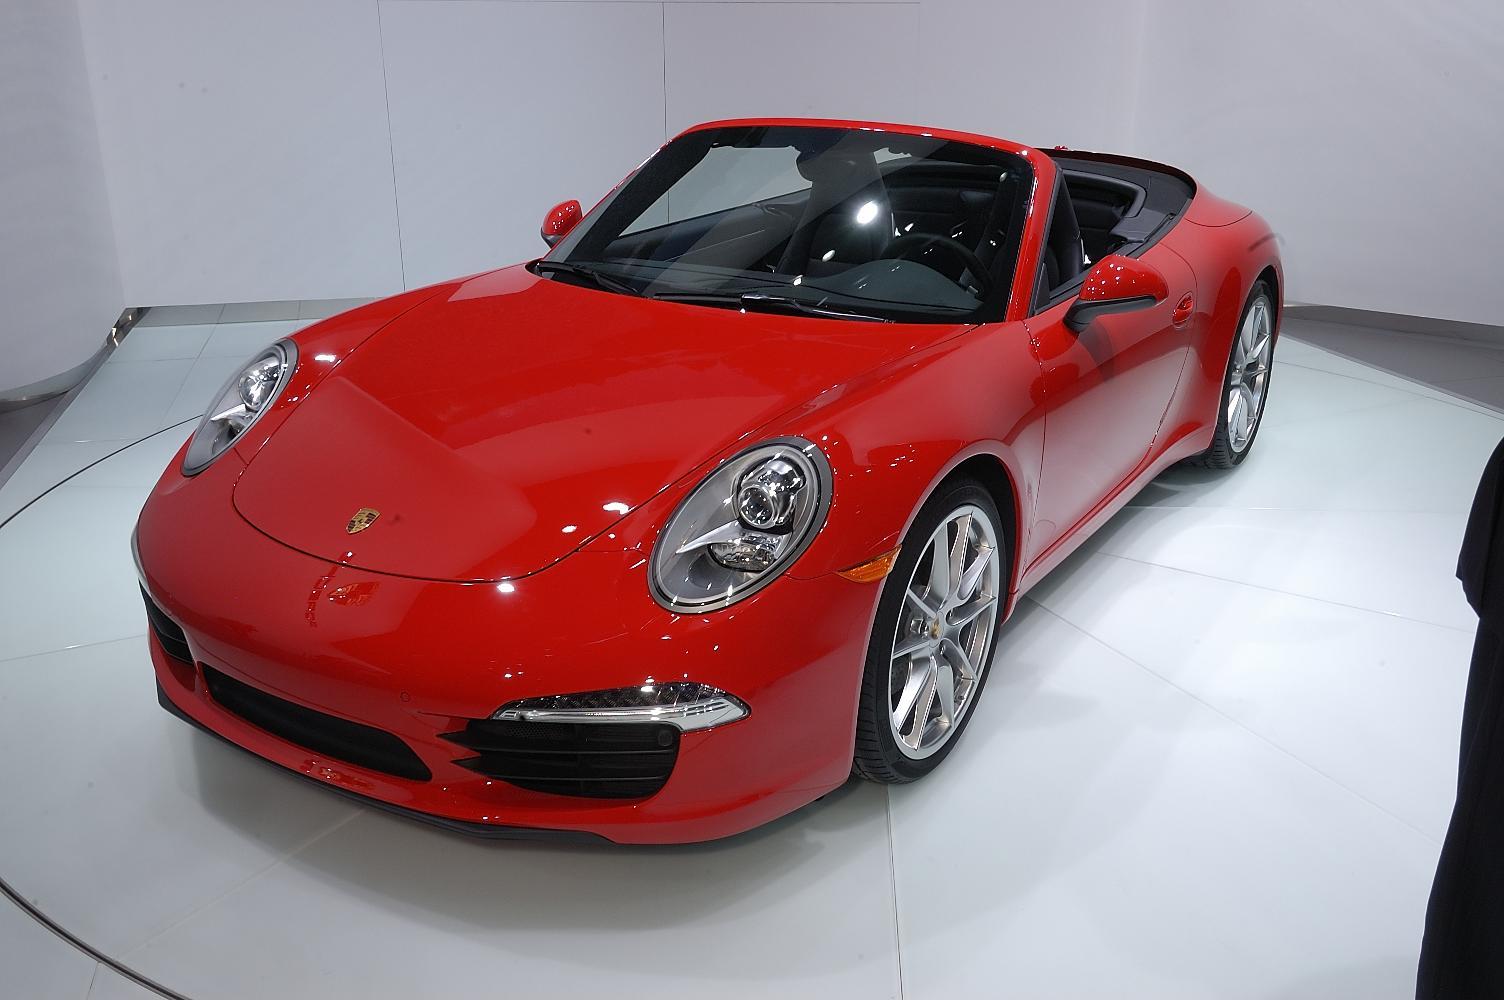 Porsche 911 Cabriolet NAIAS 2012 5